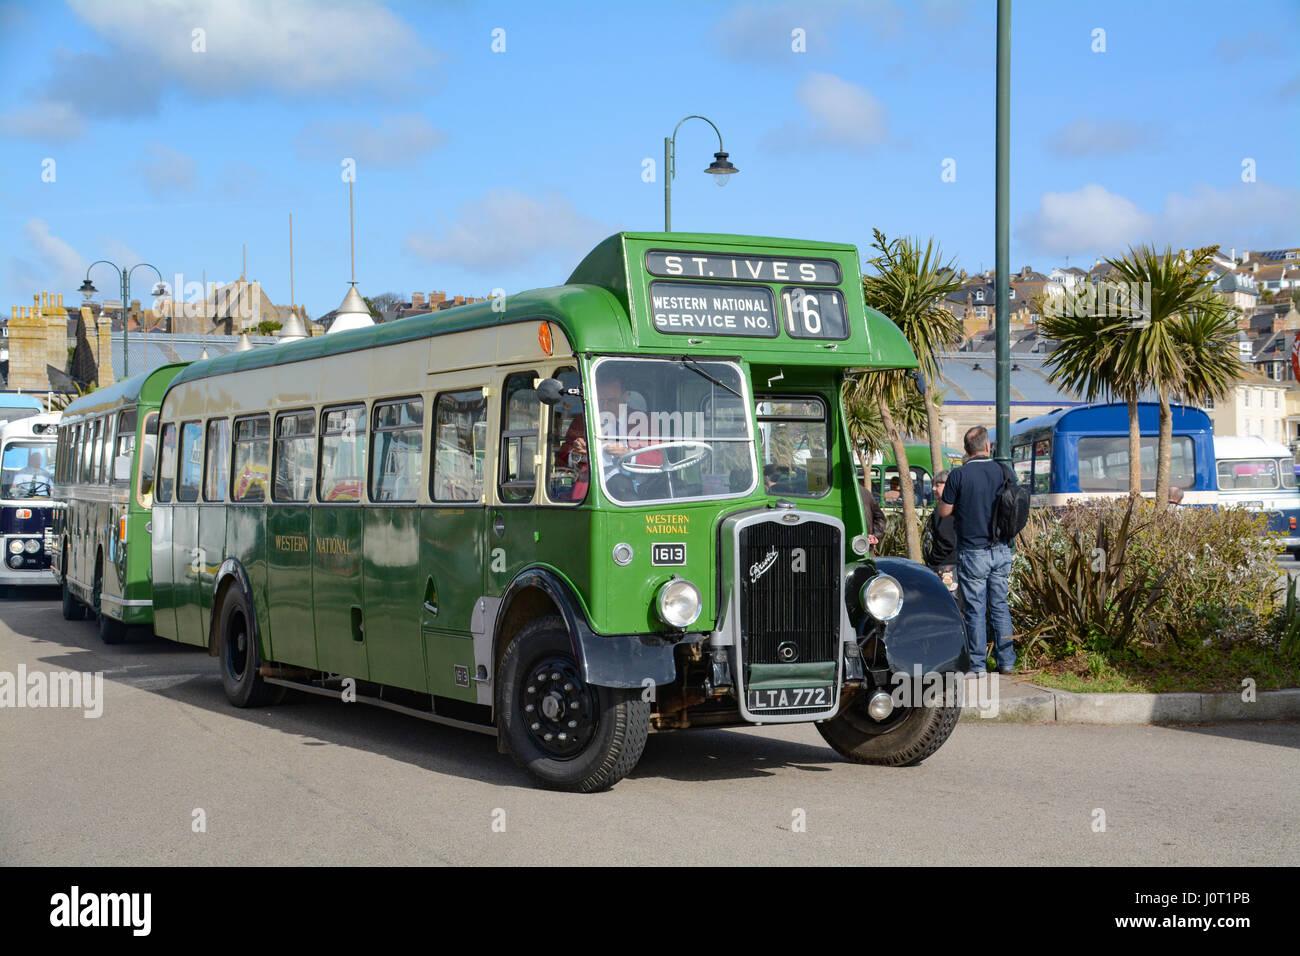 Penzance, Cornwall, Regno Unito. Il 16 aprile 2017. La Pasqua annuale bus vintage giorno a Penzance, organizzata Foto Stock